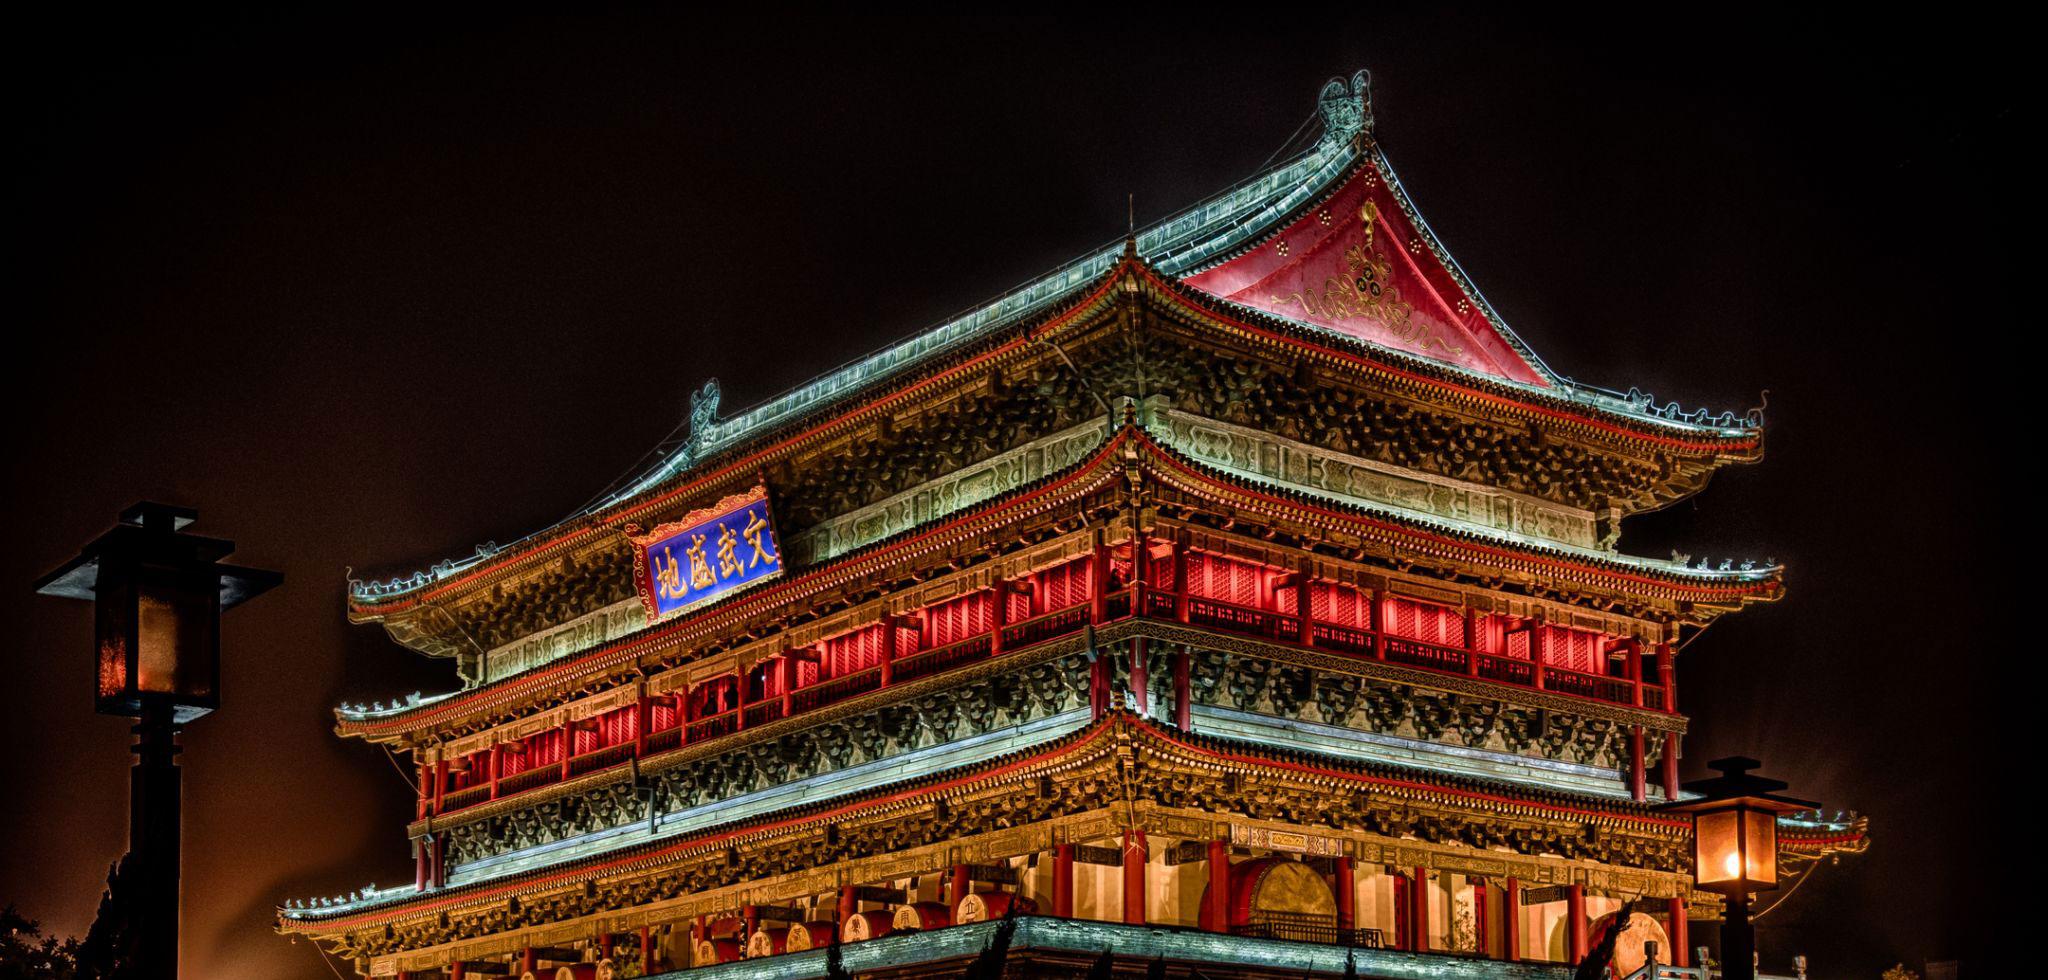 برج طبل و برج ناقوس پکن